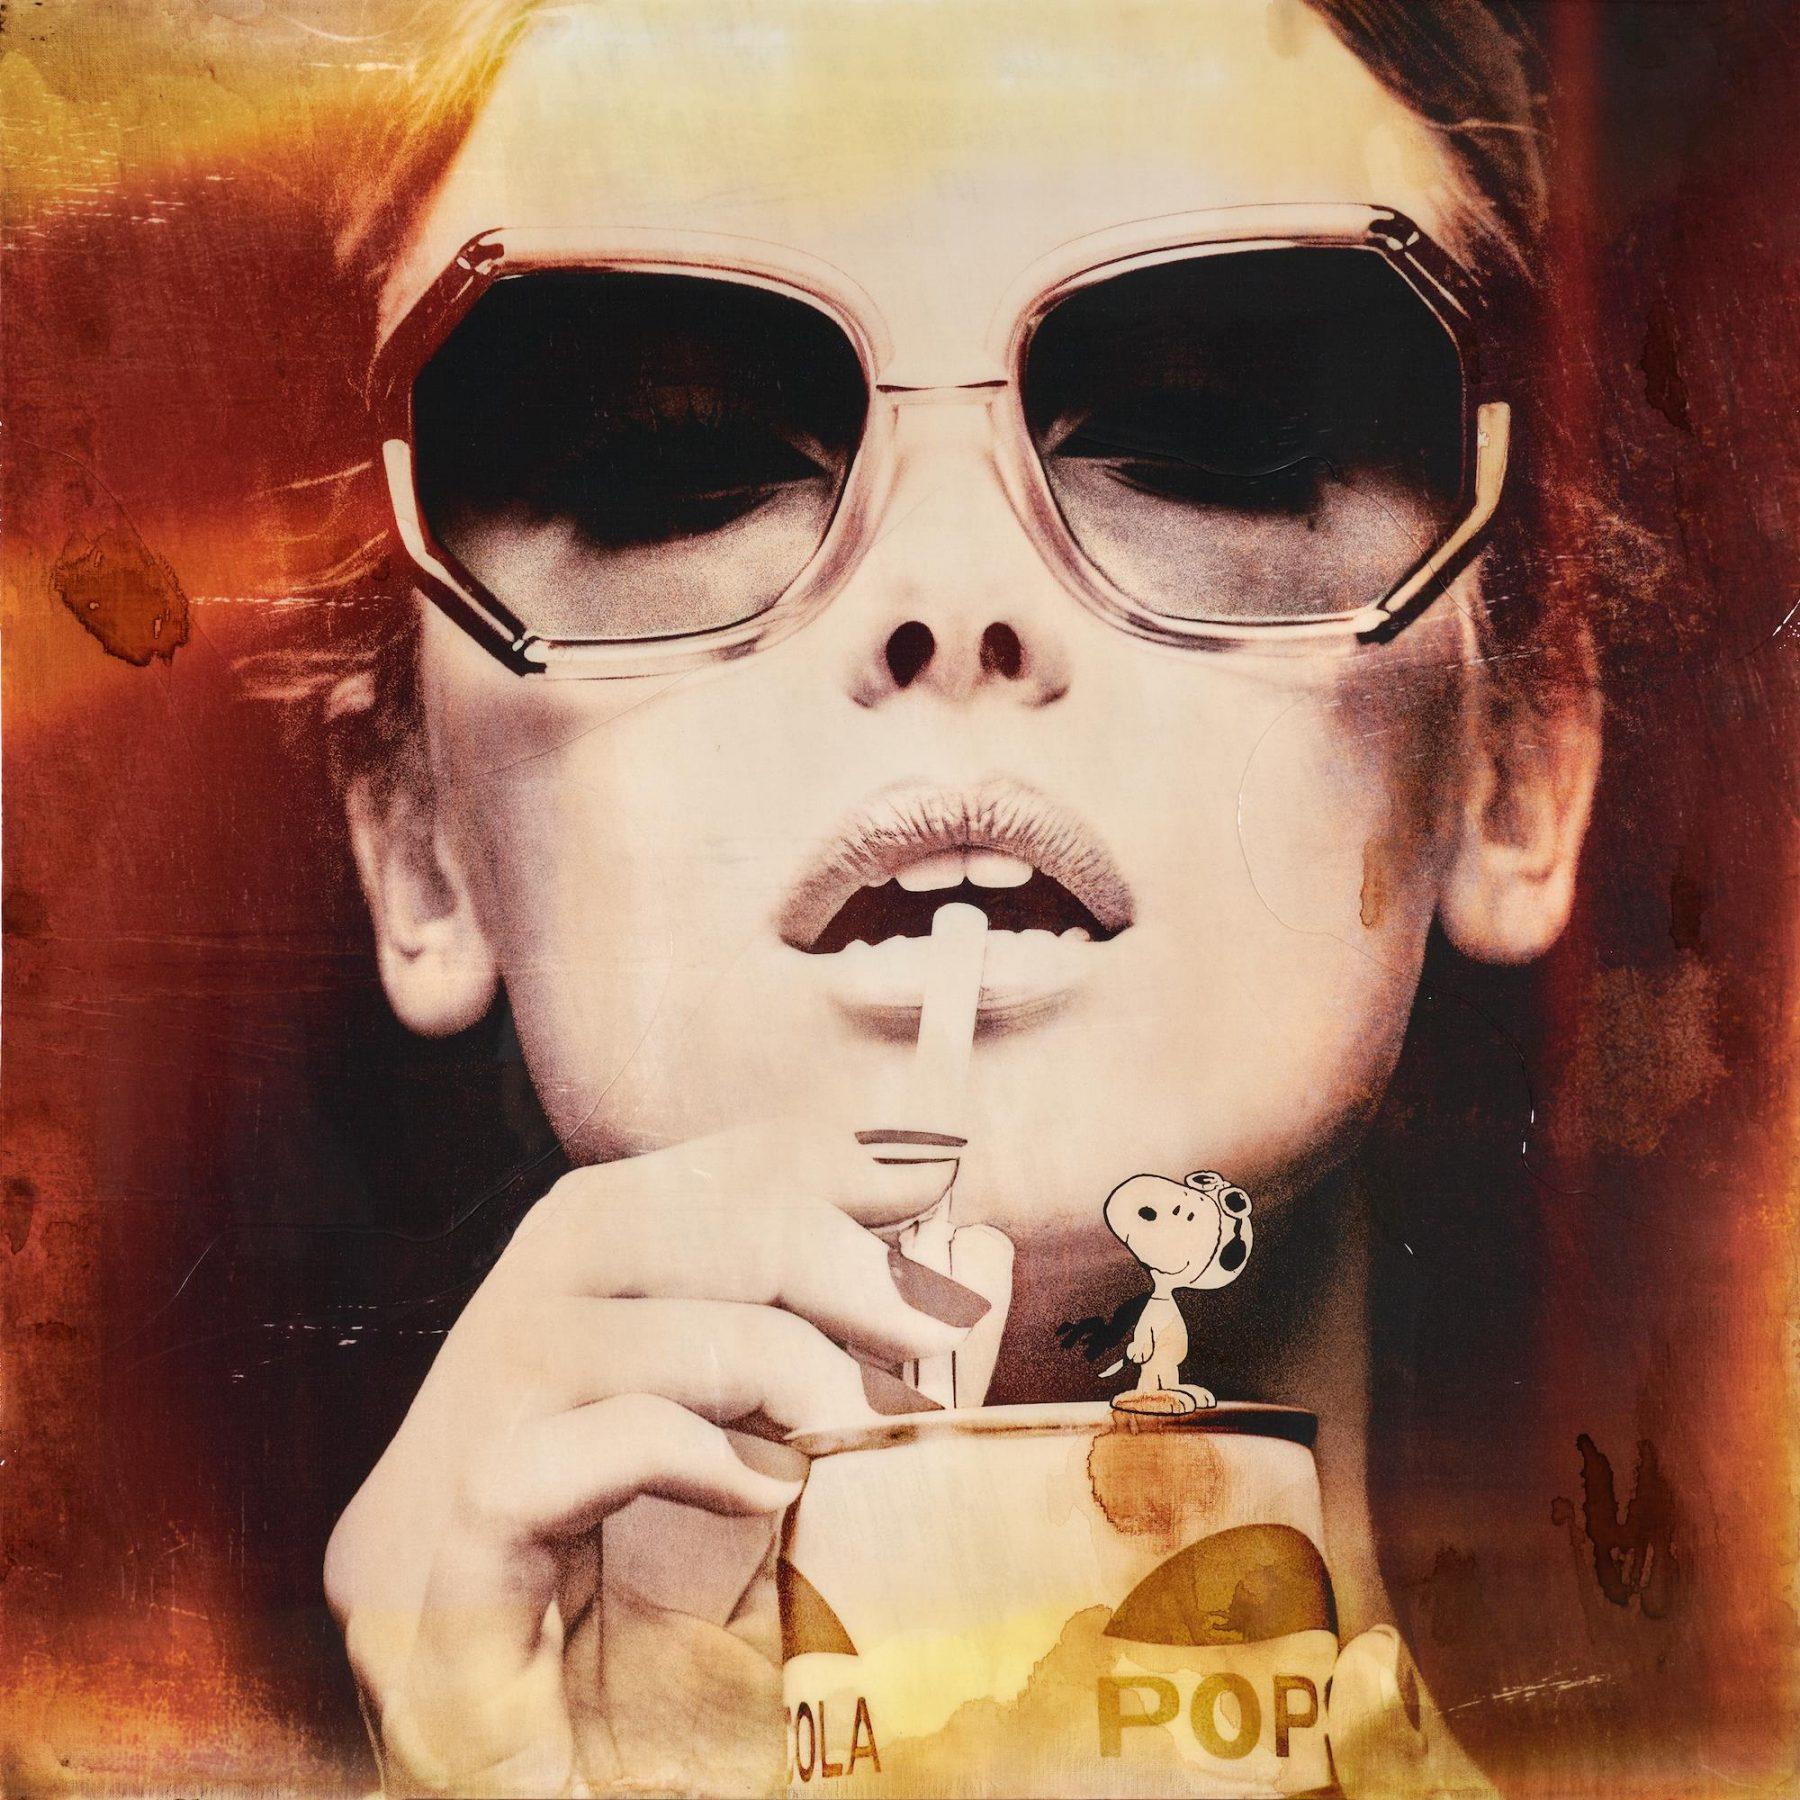 Liquid Pop - Döring, Jörg - k-D1o1LIPO